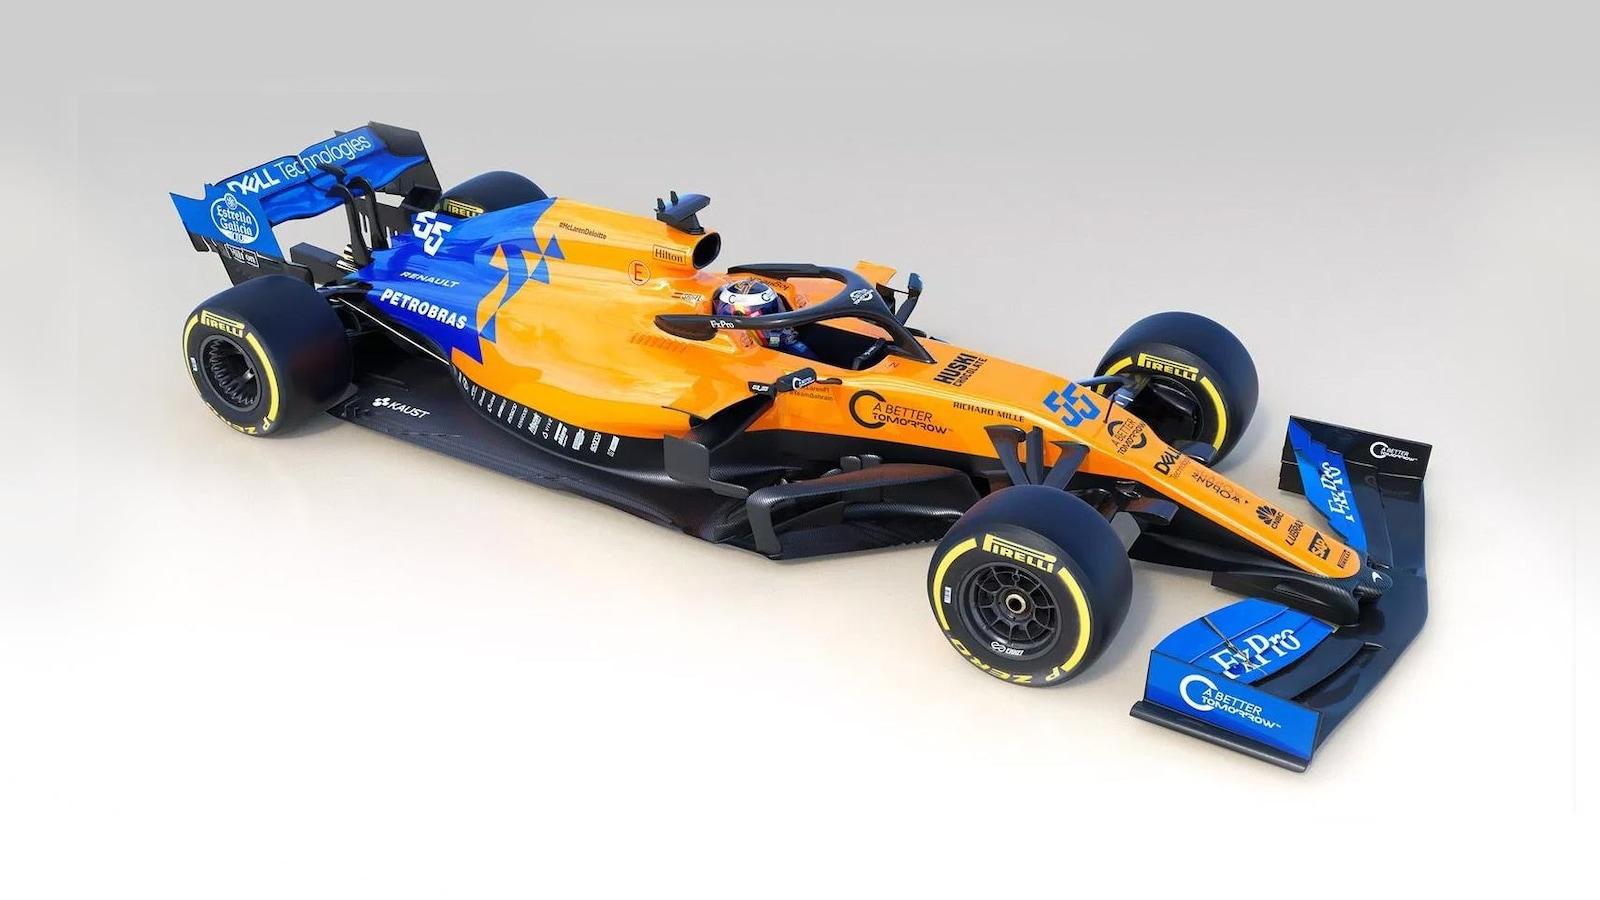 La voiture a des couleurs orange et bleu.